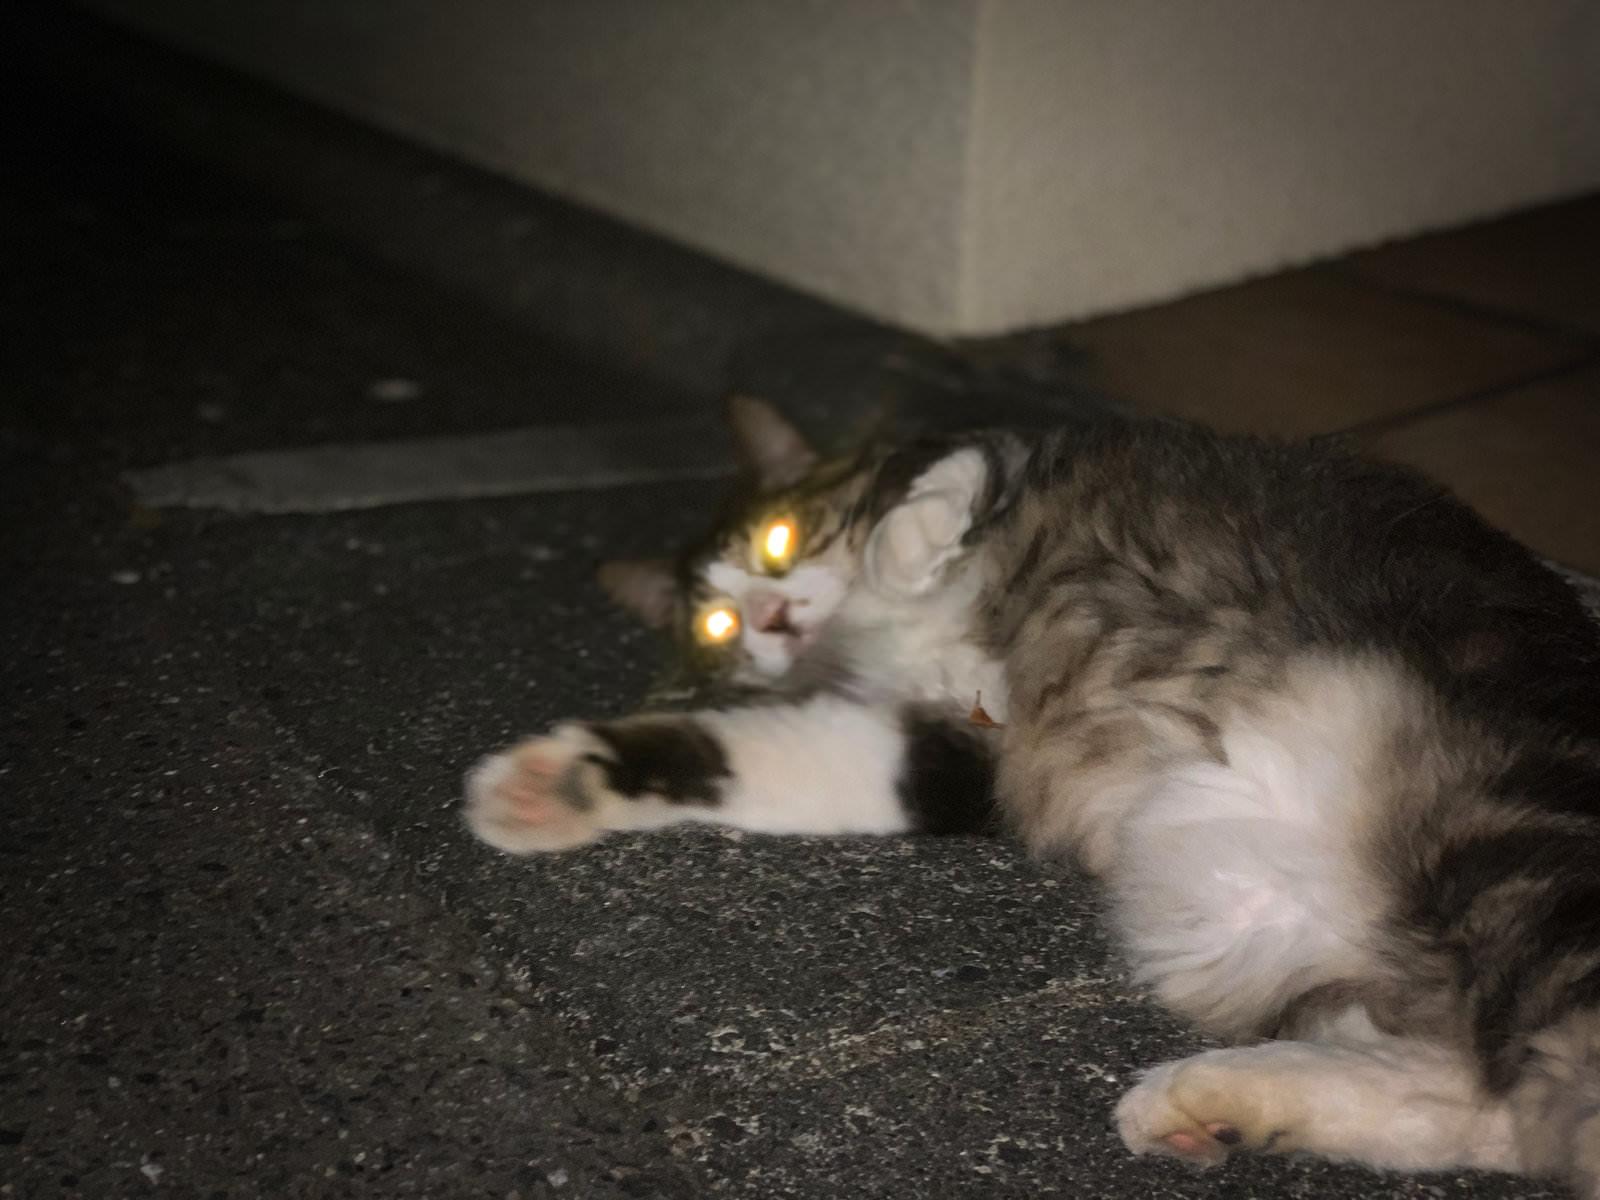 目が光る猫ちゃんの写真